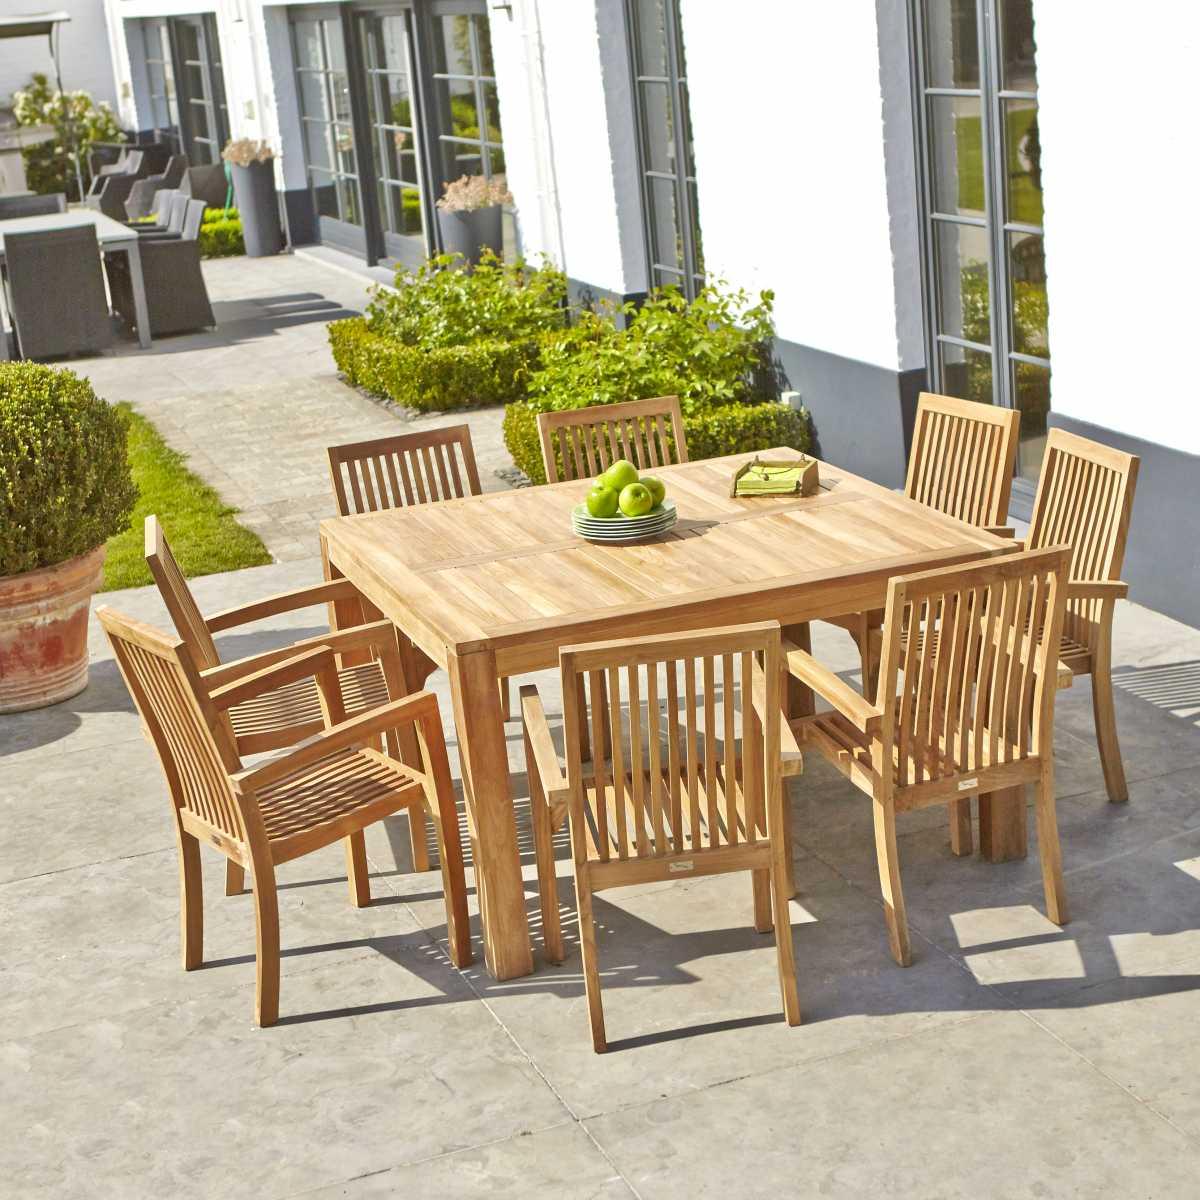 Salon de jardin rectangulaire en teck 8 places MIDLAND ...